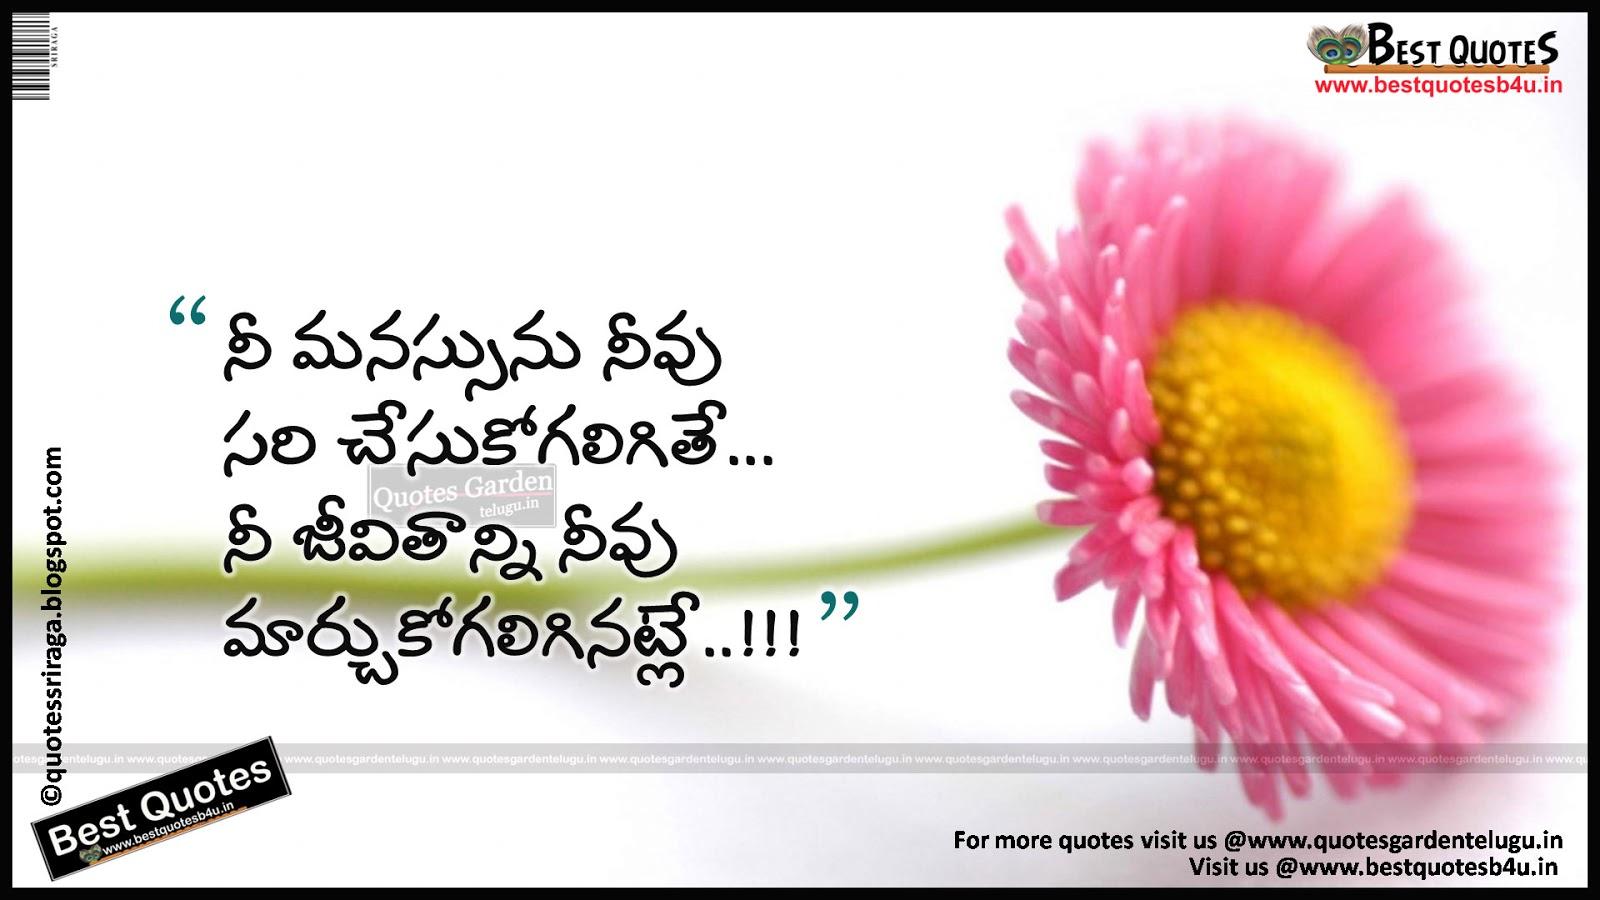 heart touching telugu quotes bestquotesb4u english